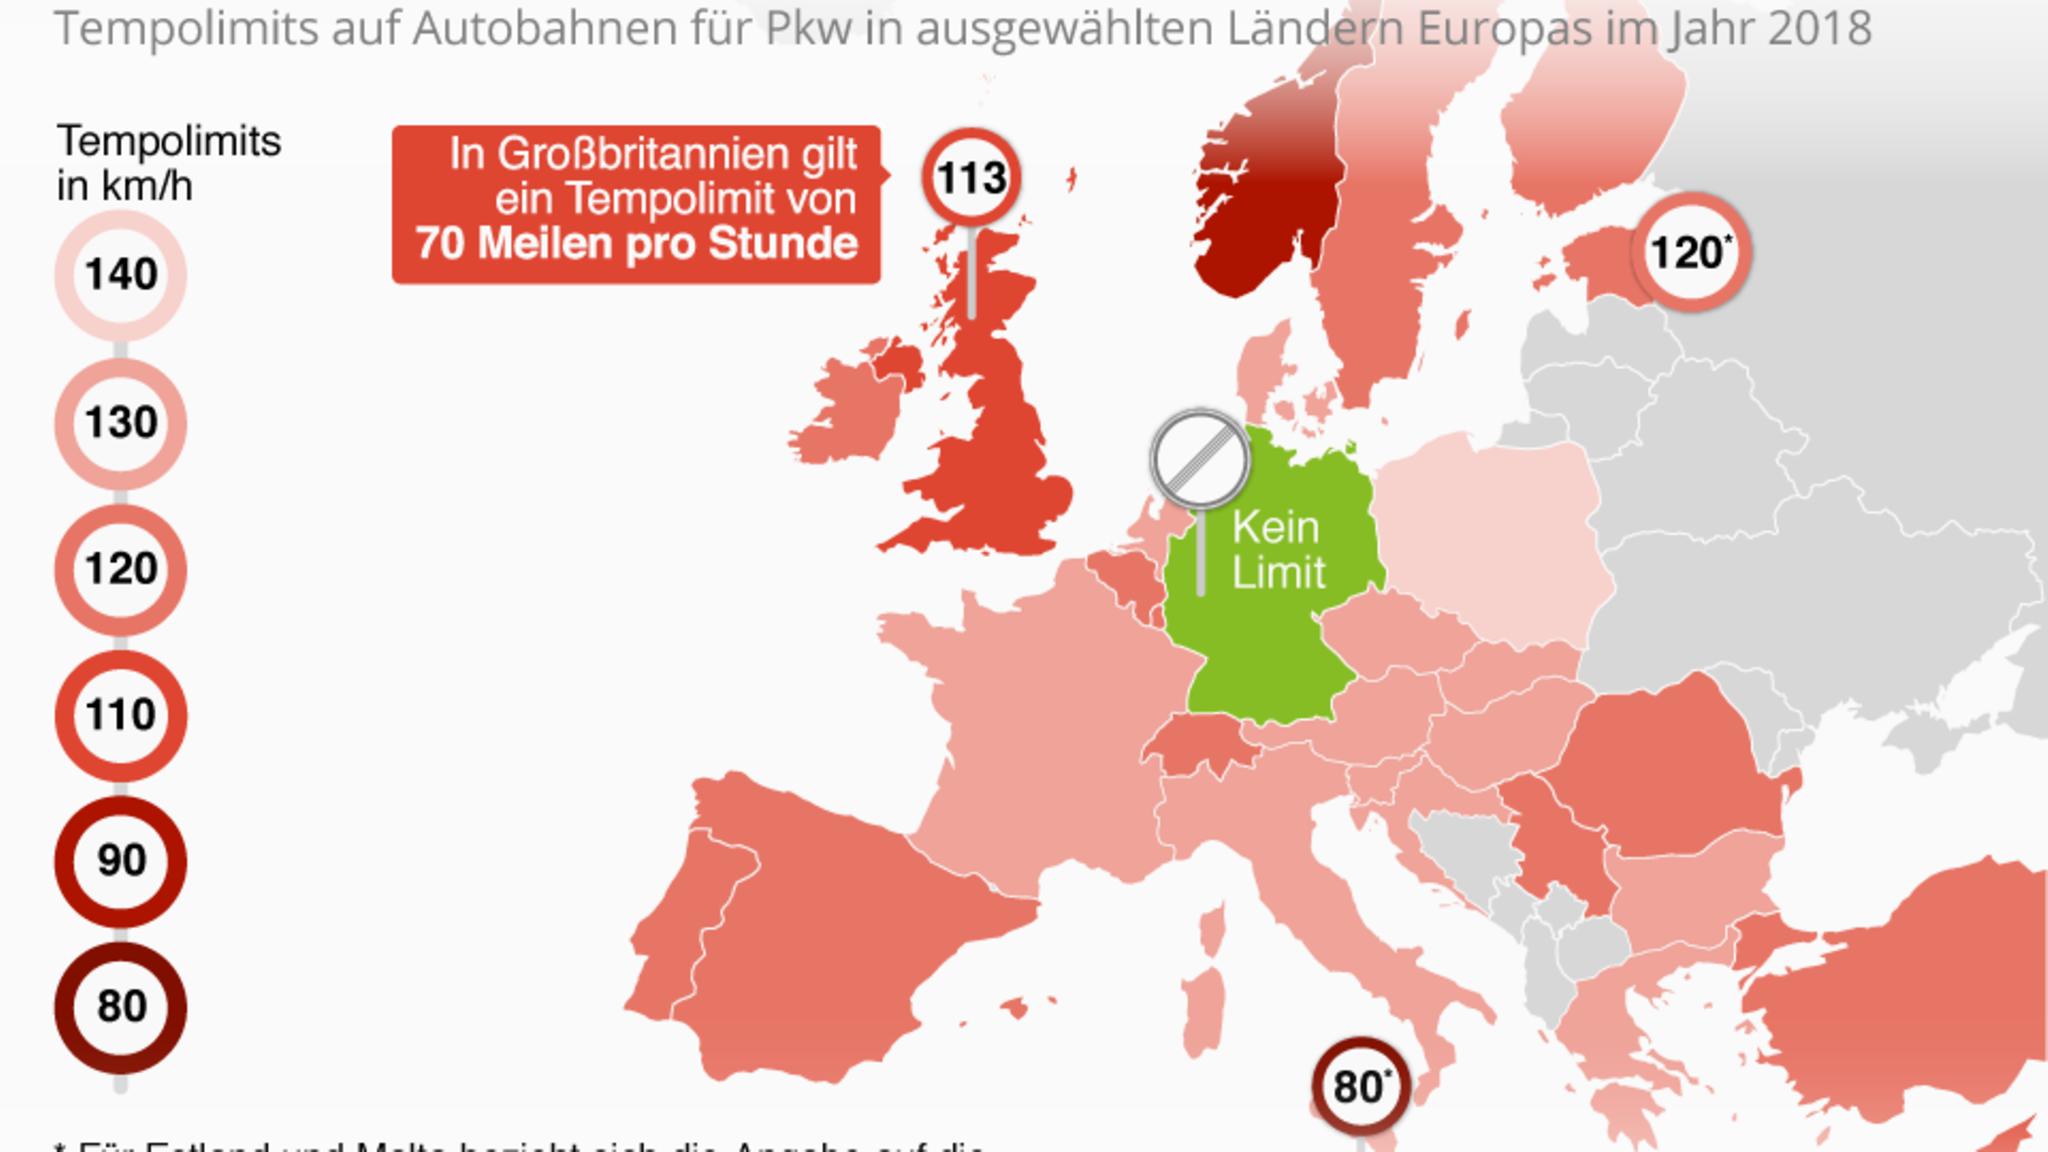 Geschwindigkeitsbegrenzung Autobahn Deutschland Karte.Tempolimits So Schnell Darf Man In Europa Fahren Stern De